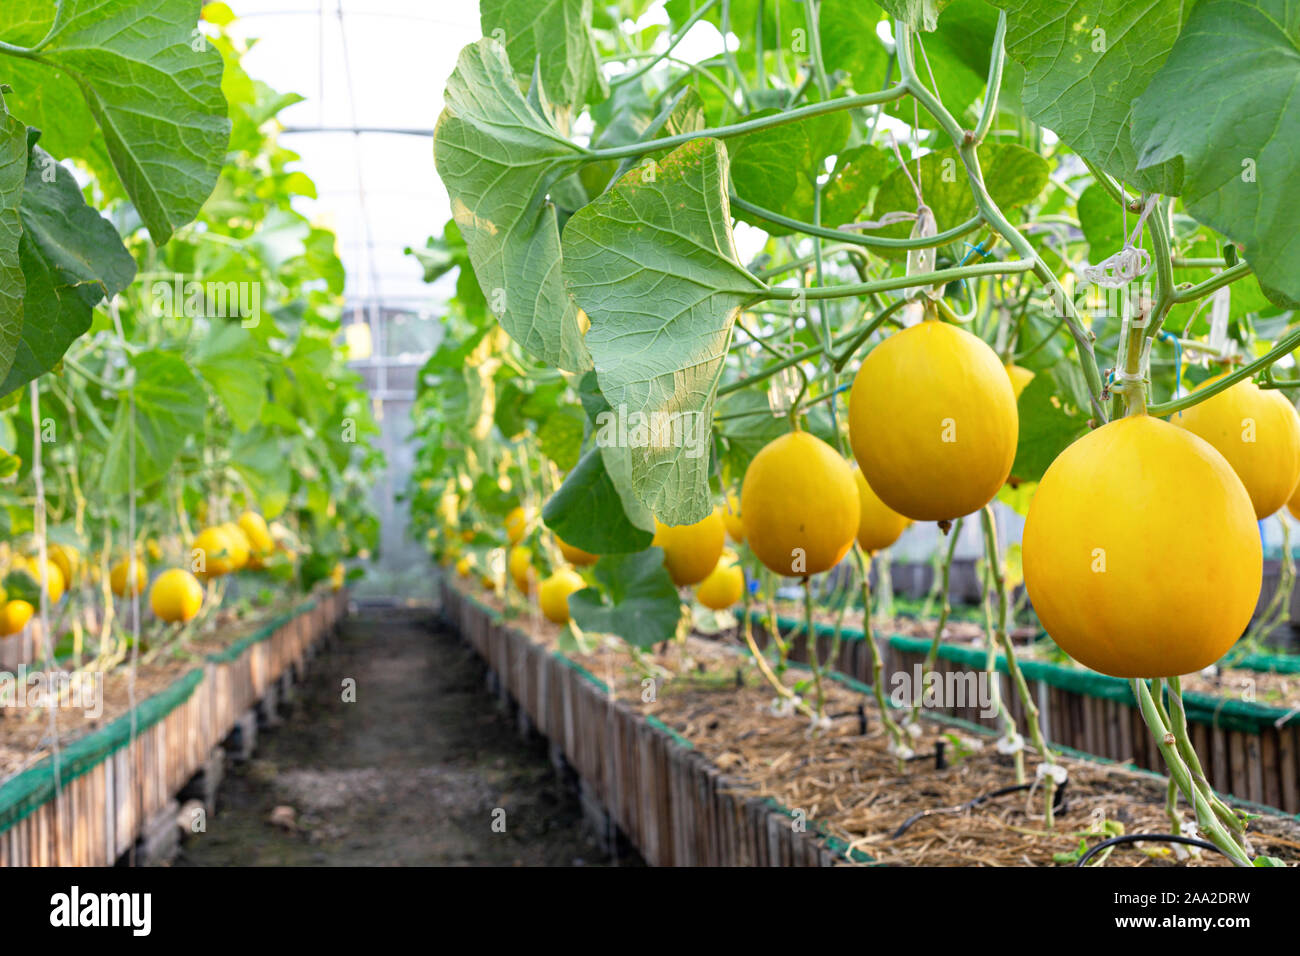 Orgánicos frescos melón amarillo dorado o melón listo para cosechar en el vivero de la granja de melón. Agricultura y granja de frutas concepto Foto de stock